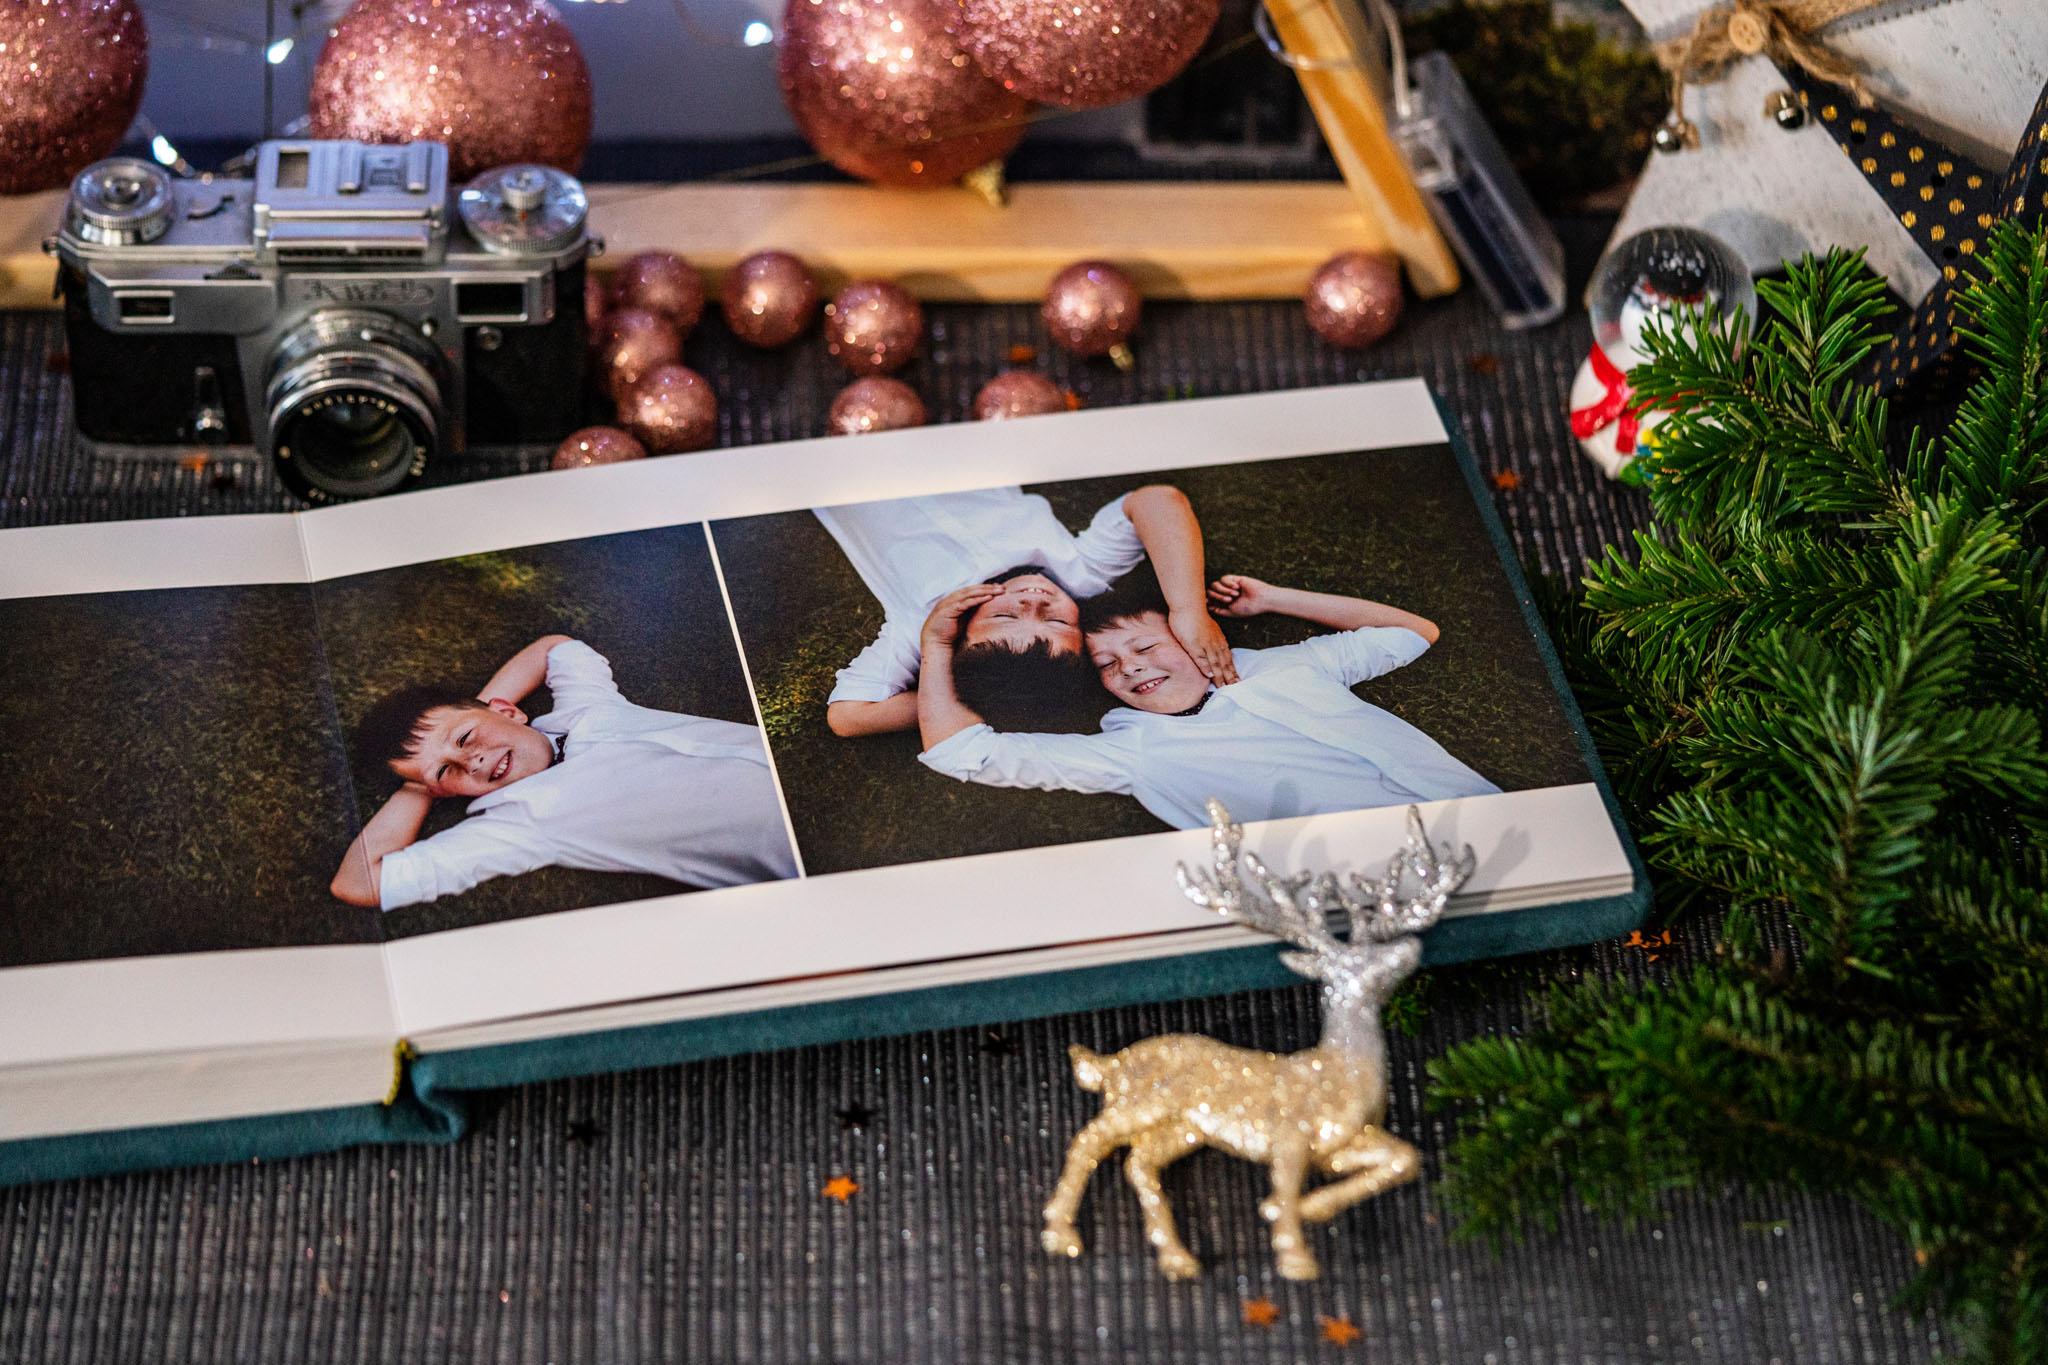 Album Fotoalbum Przemyslaw Szklarski 1002 O albumach i odbitkach | Dlaczego warto drukować zdjęcia?